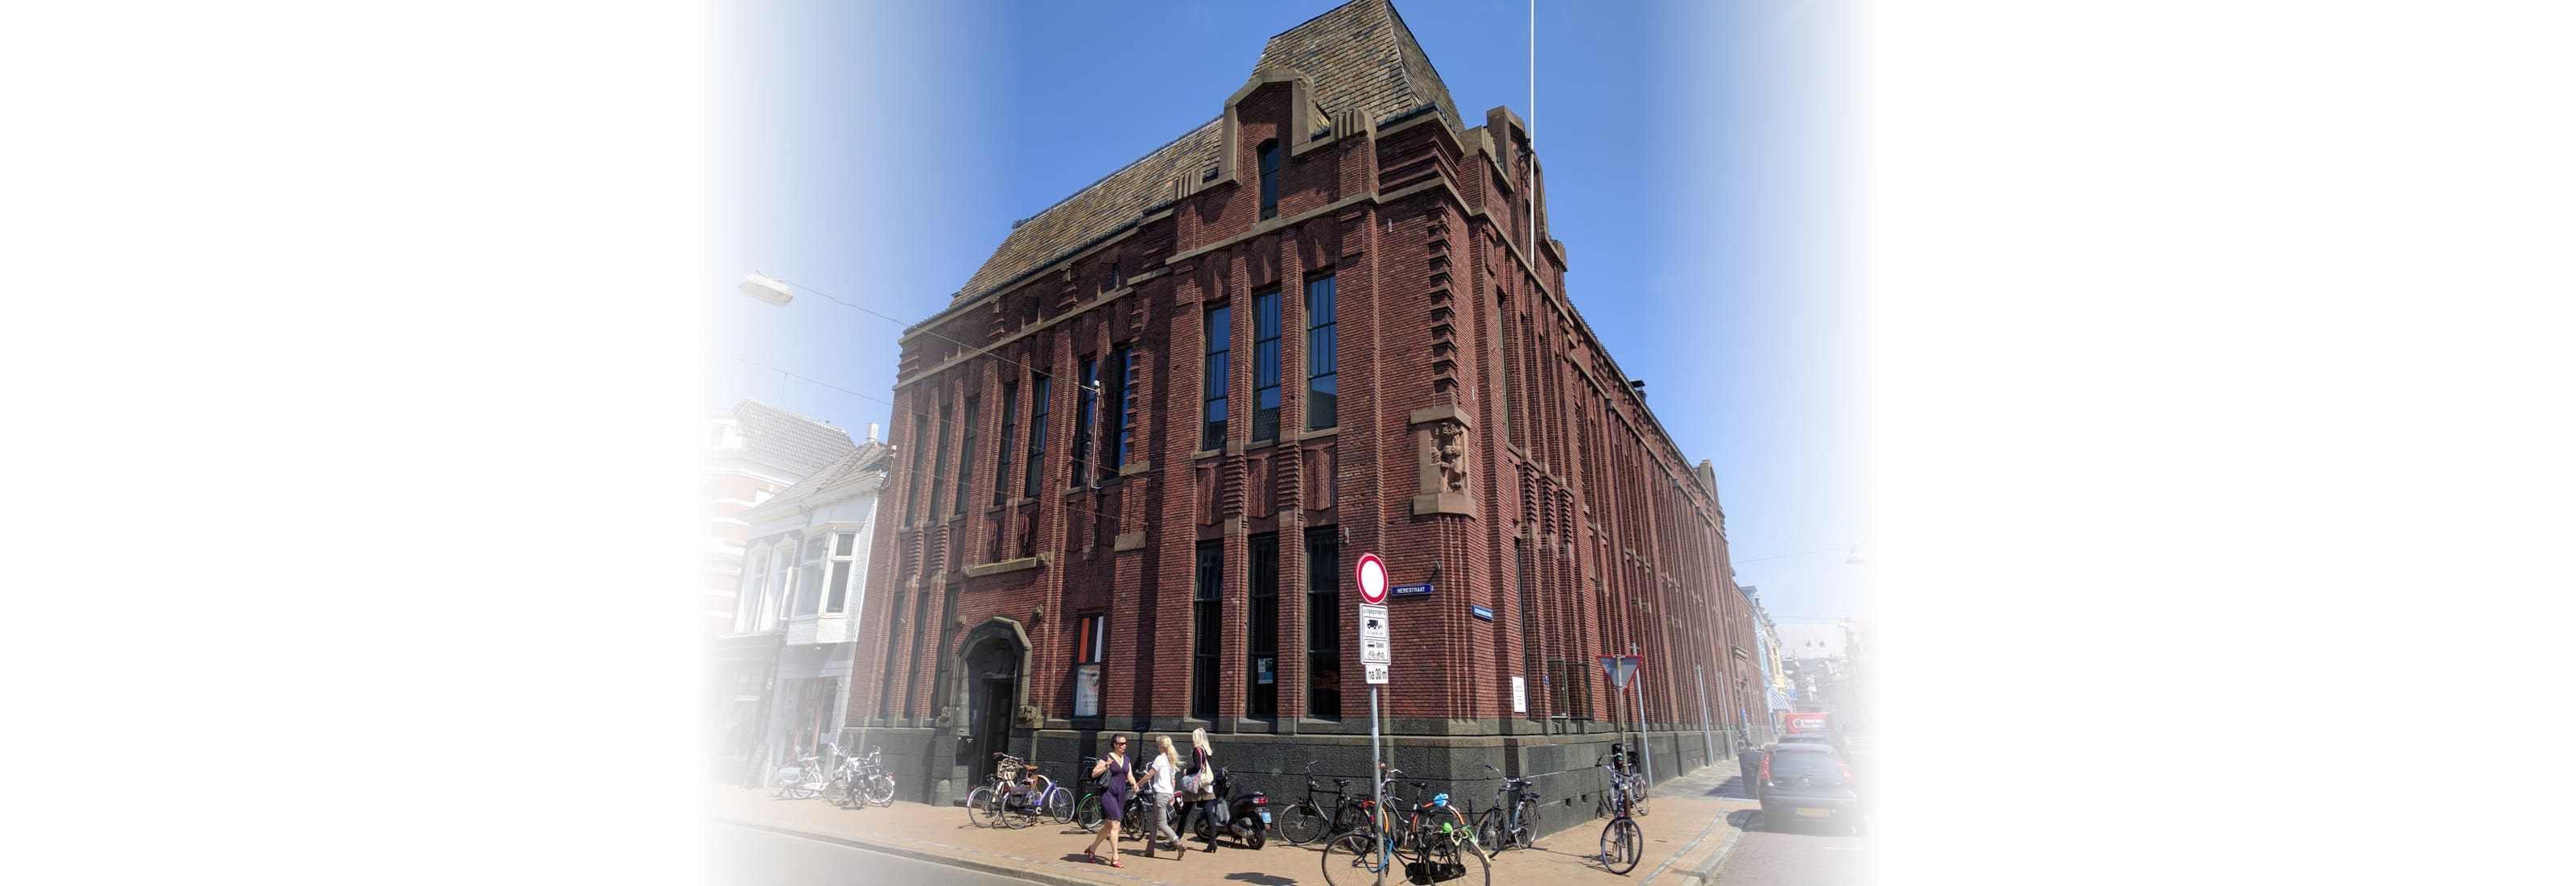 Cortingh - Eenmanszaak in Groningen